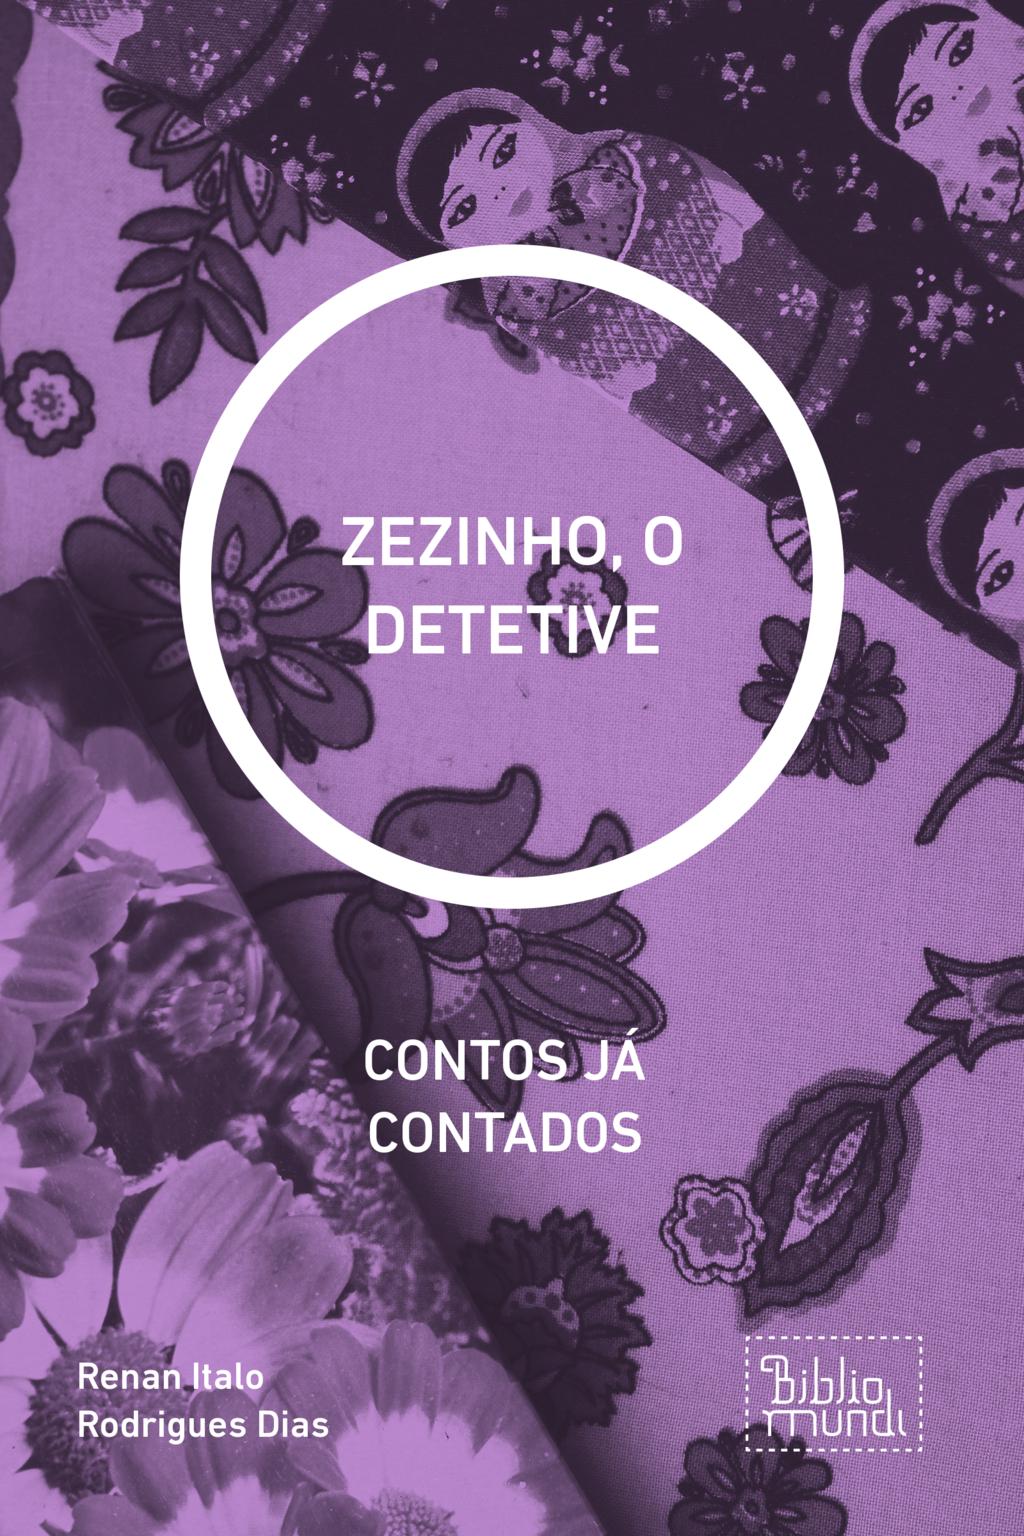 ZEZINHO, O DETETIVE